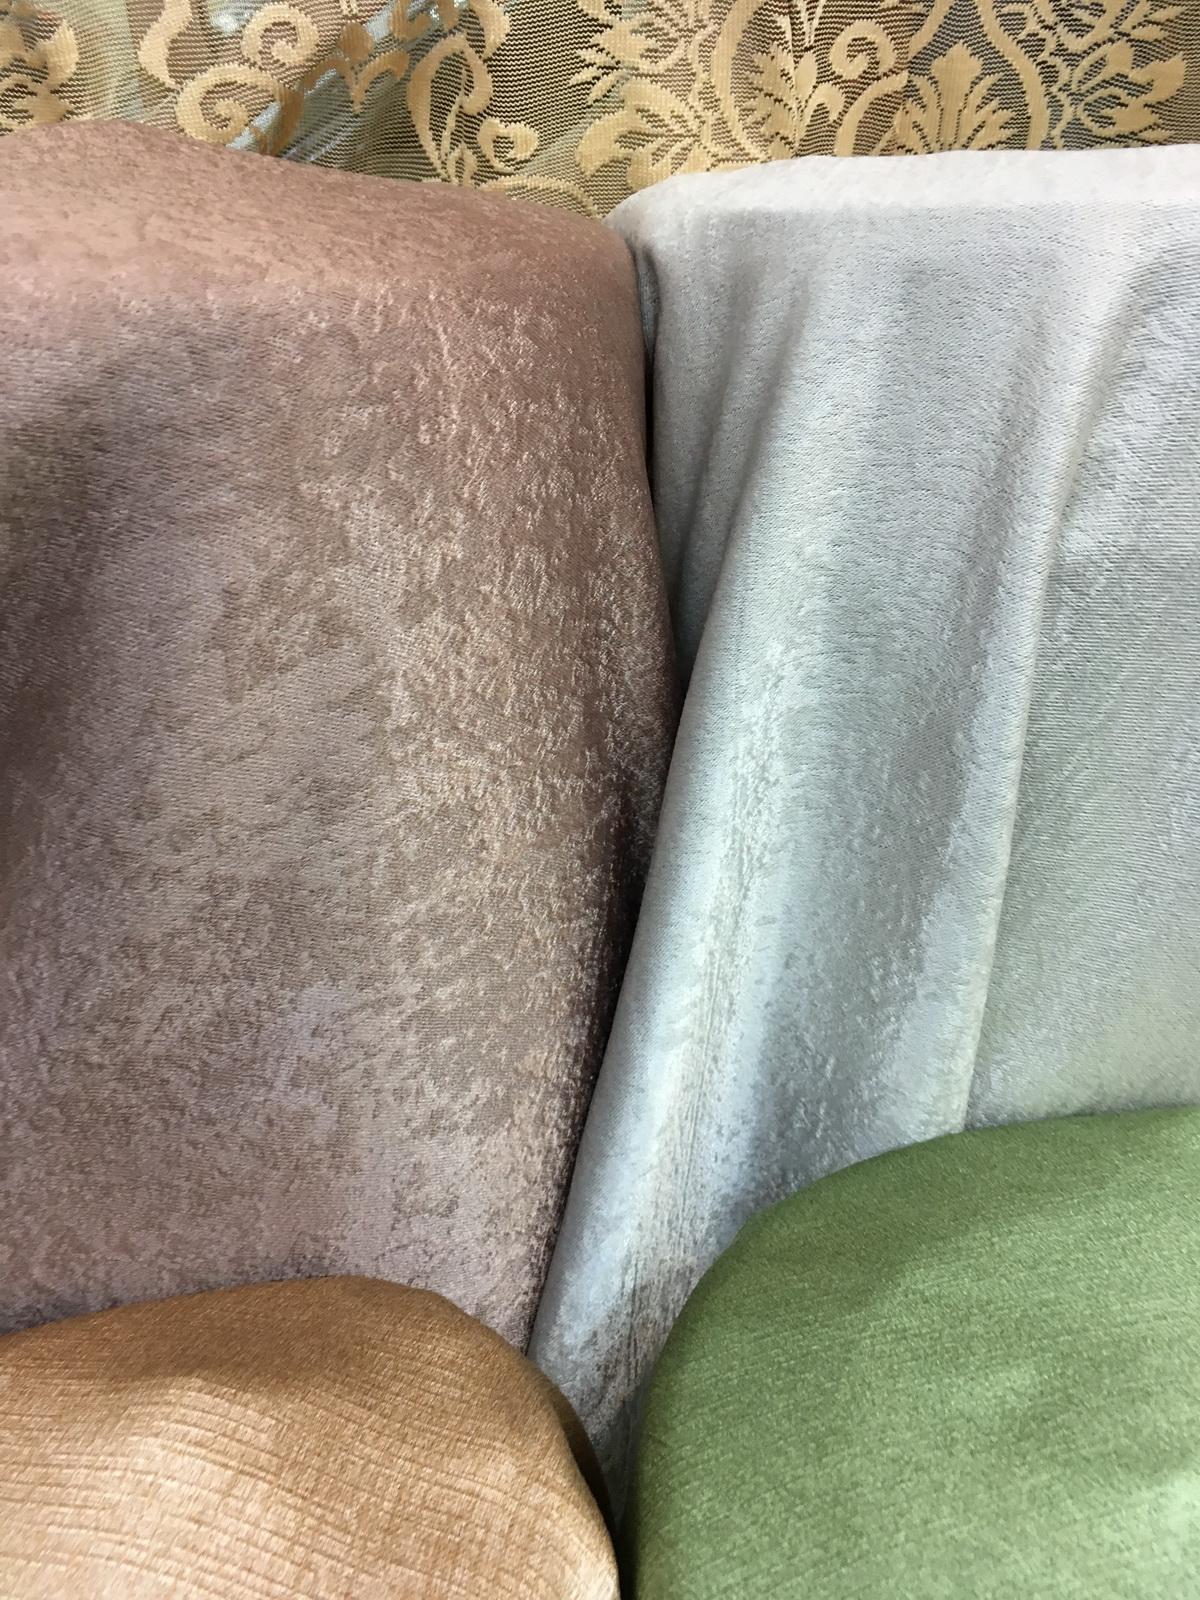 ผ้าเย็บผ้าม่านกันUV ชนิดขนสั้นเกรียน